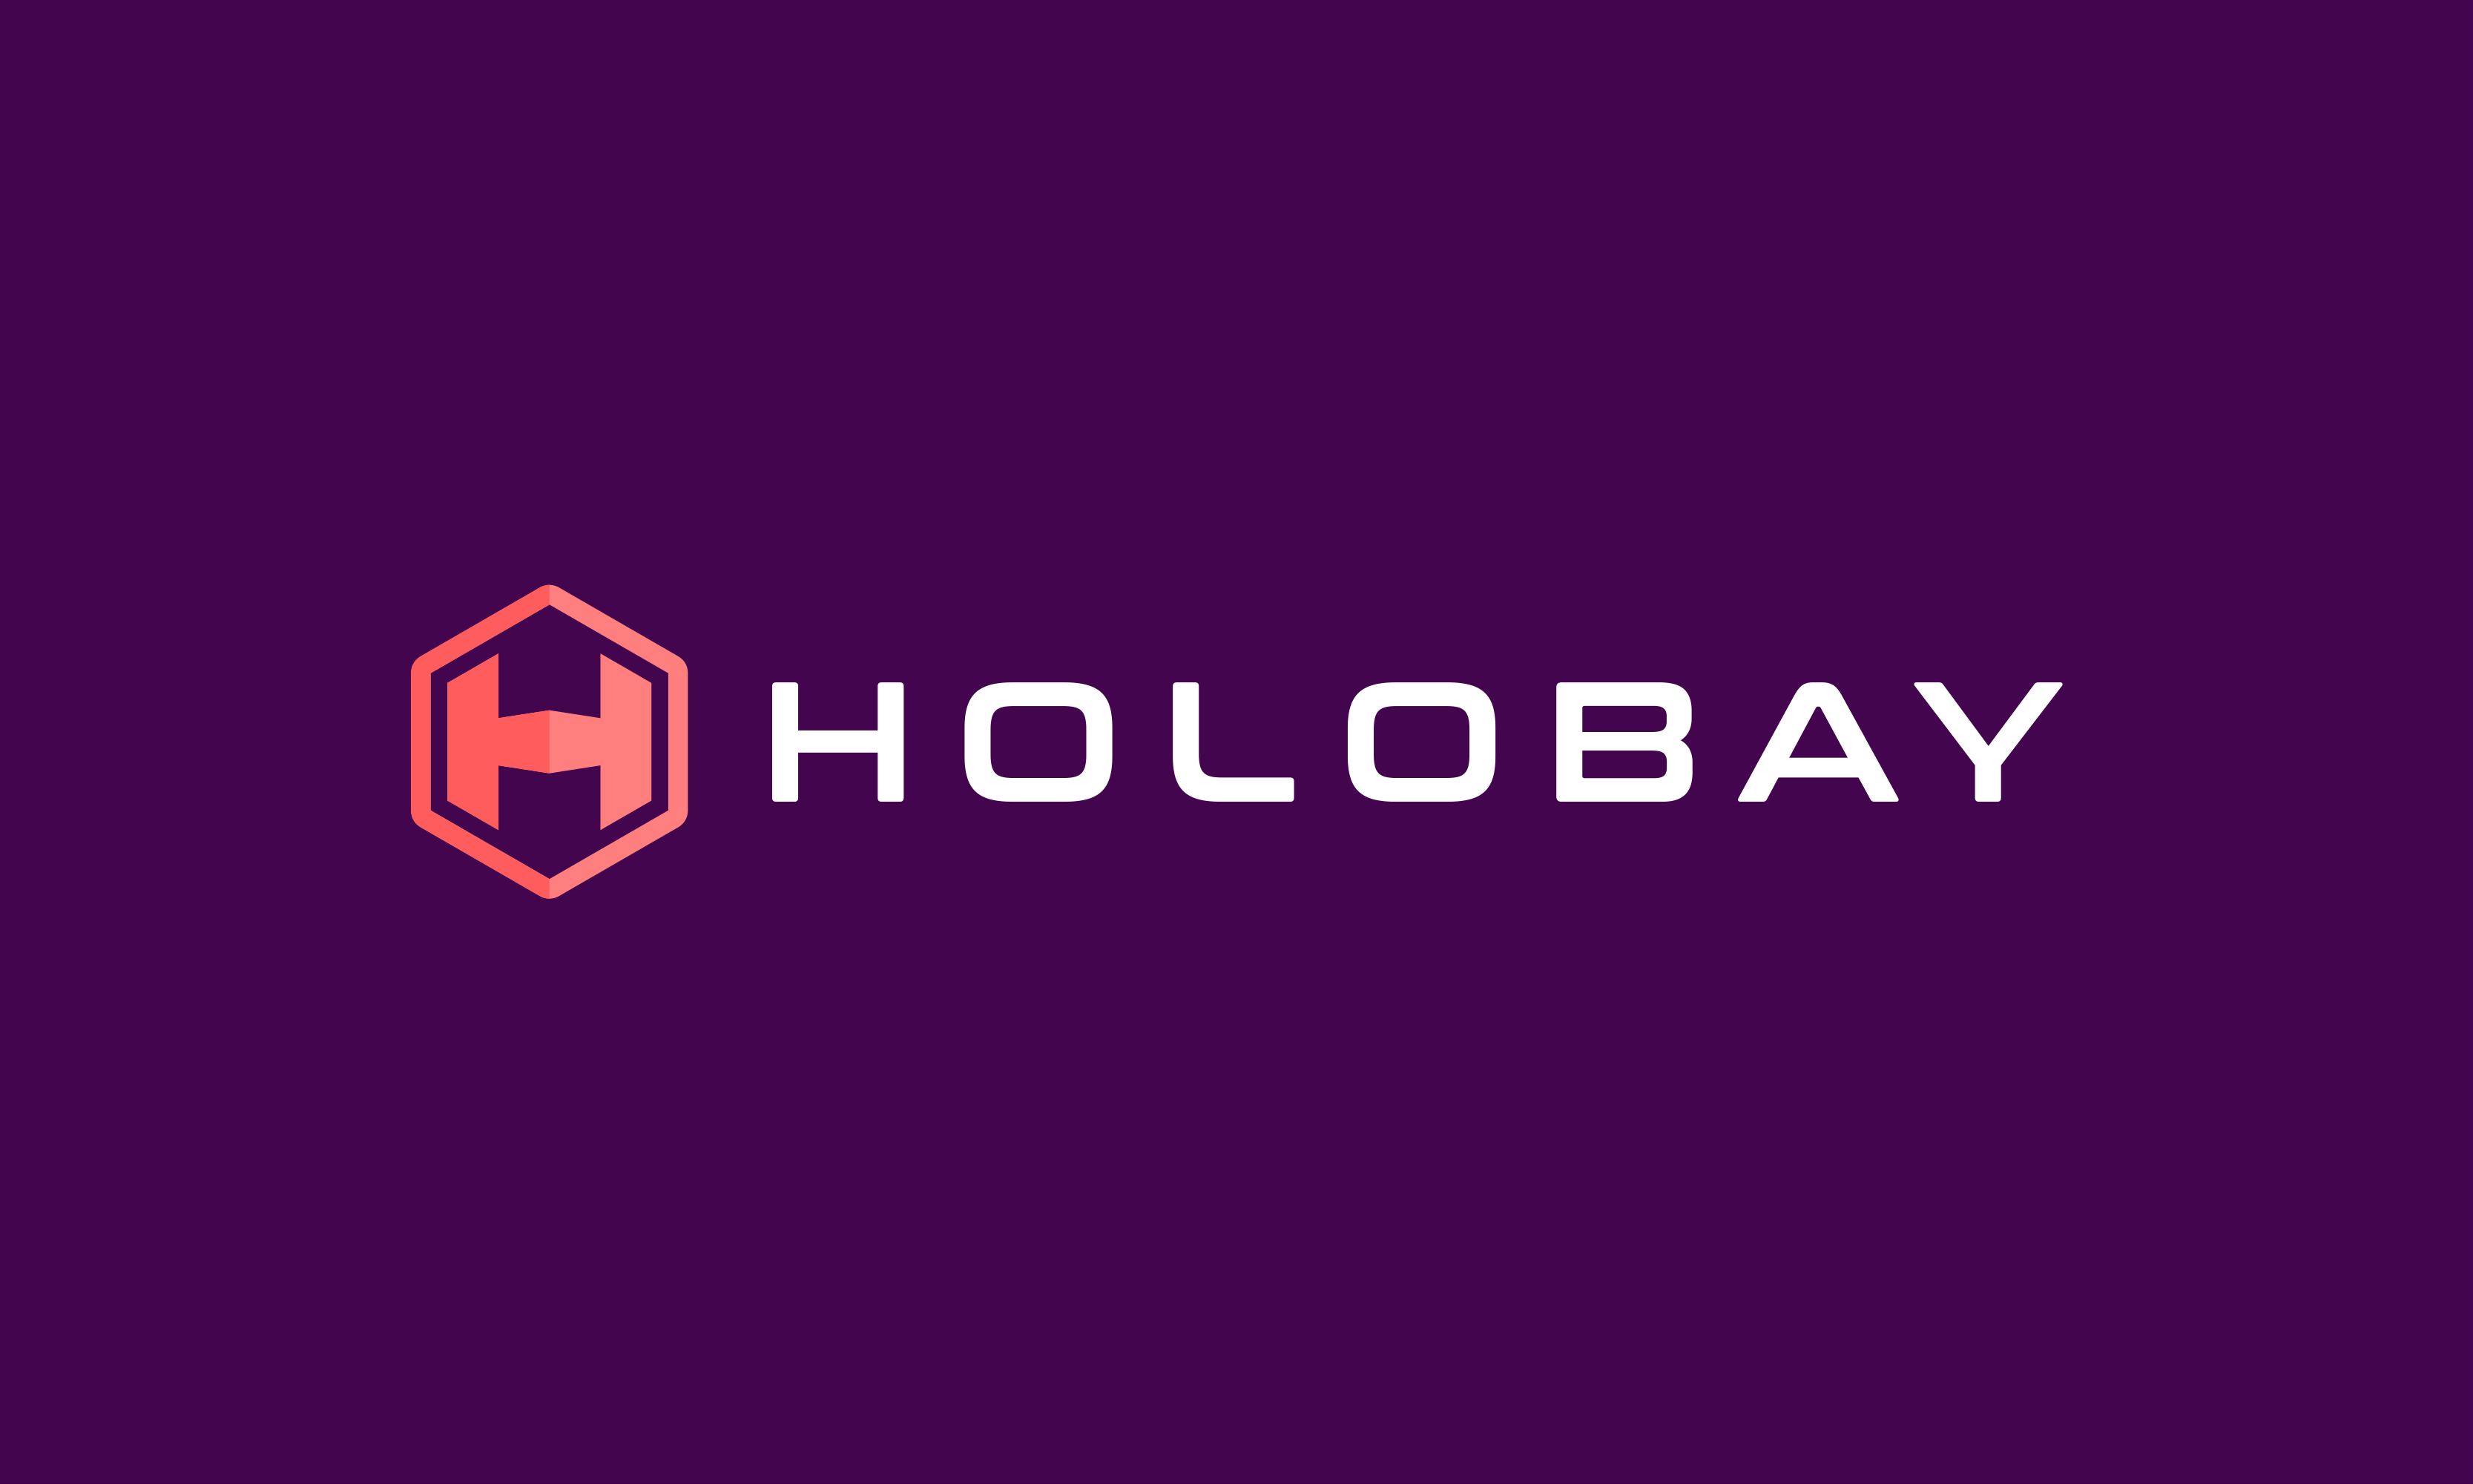 holobay logo